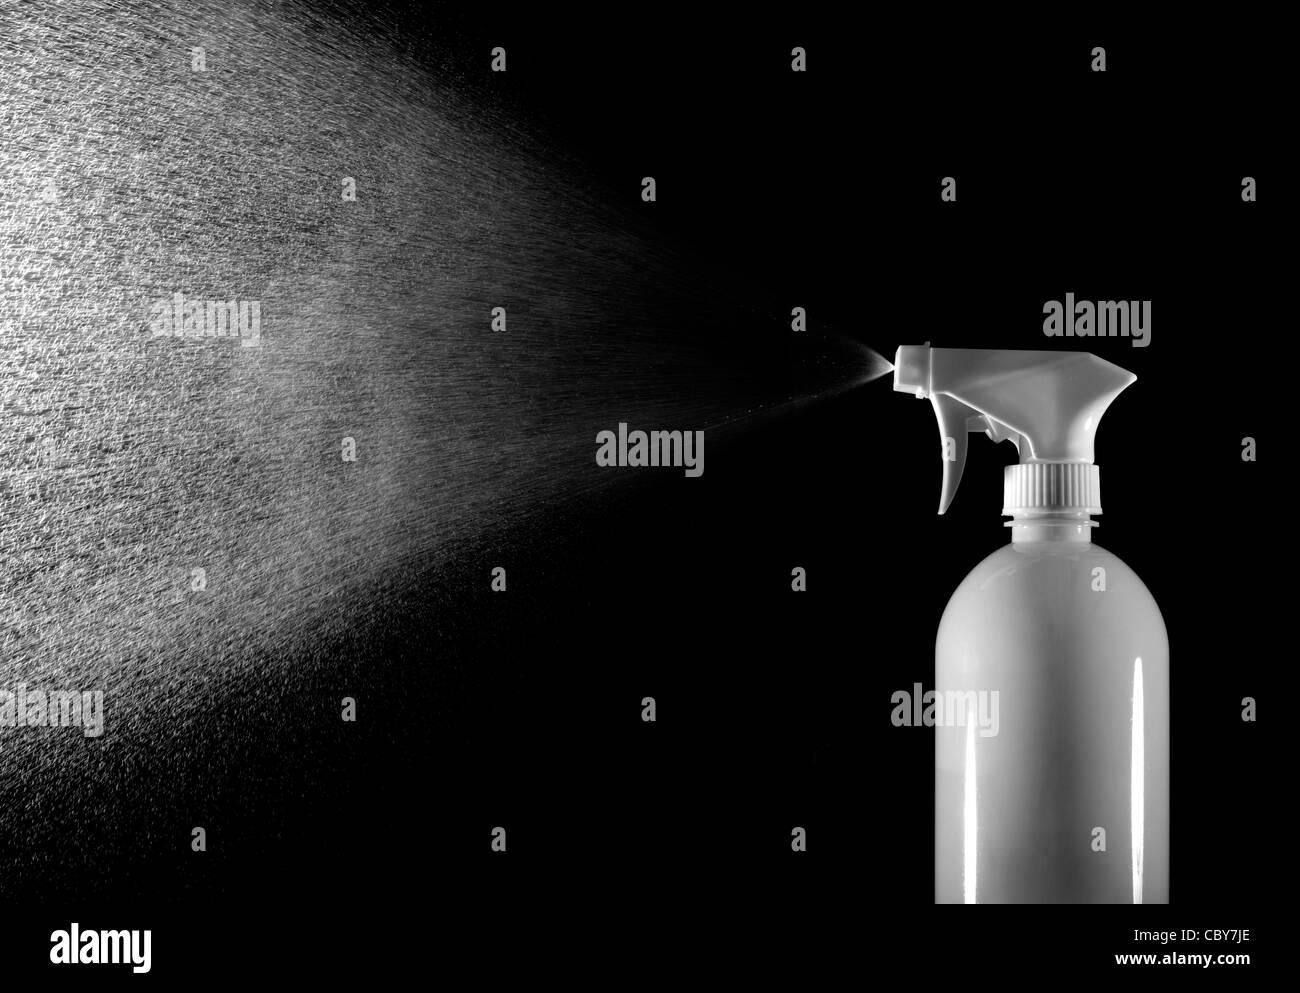 La bottiglia spray spruzzare acqua Immagini Stock